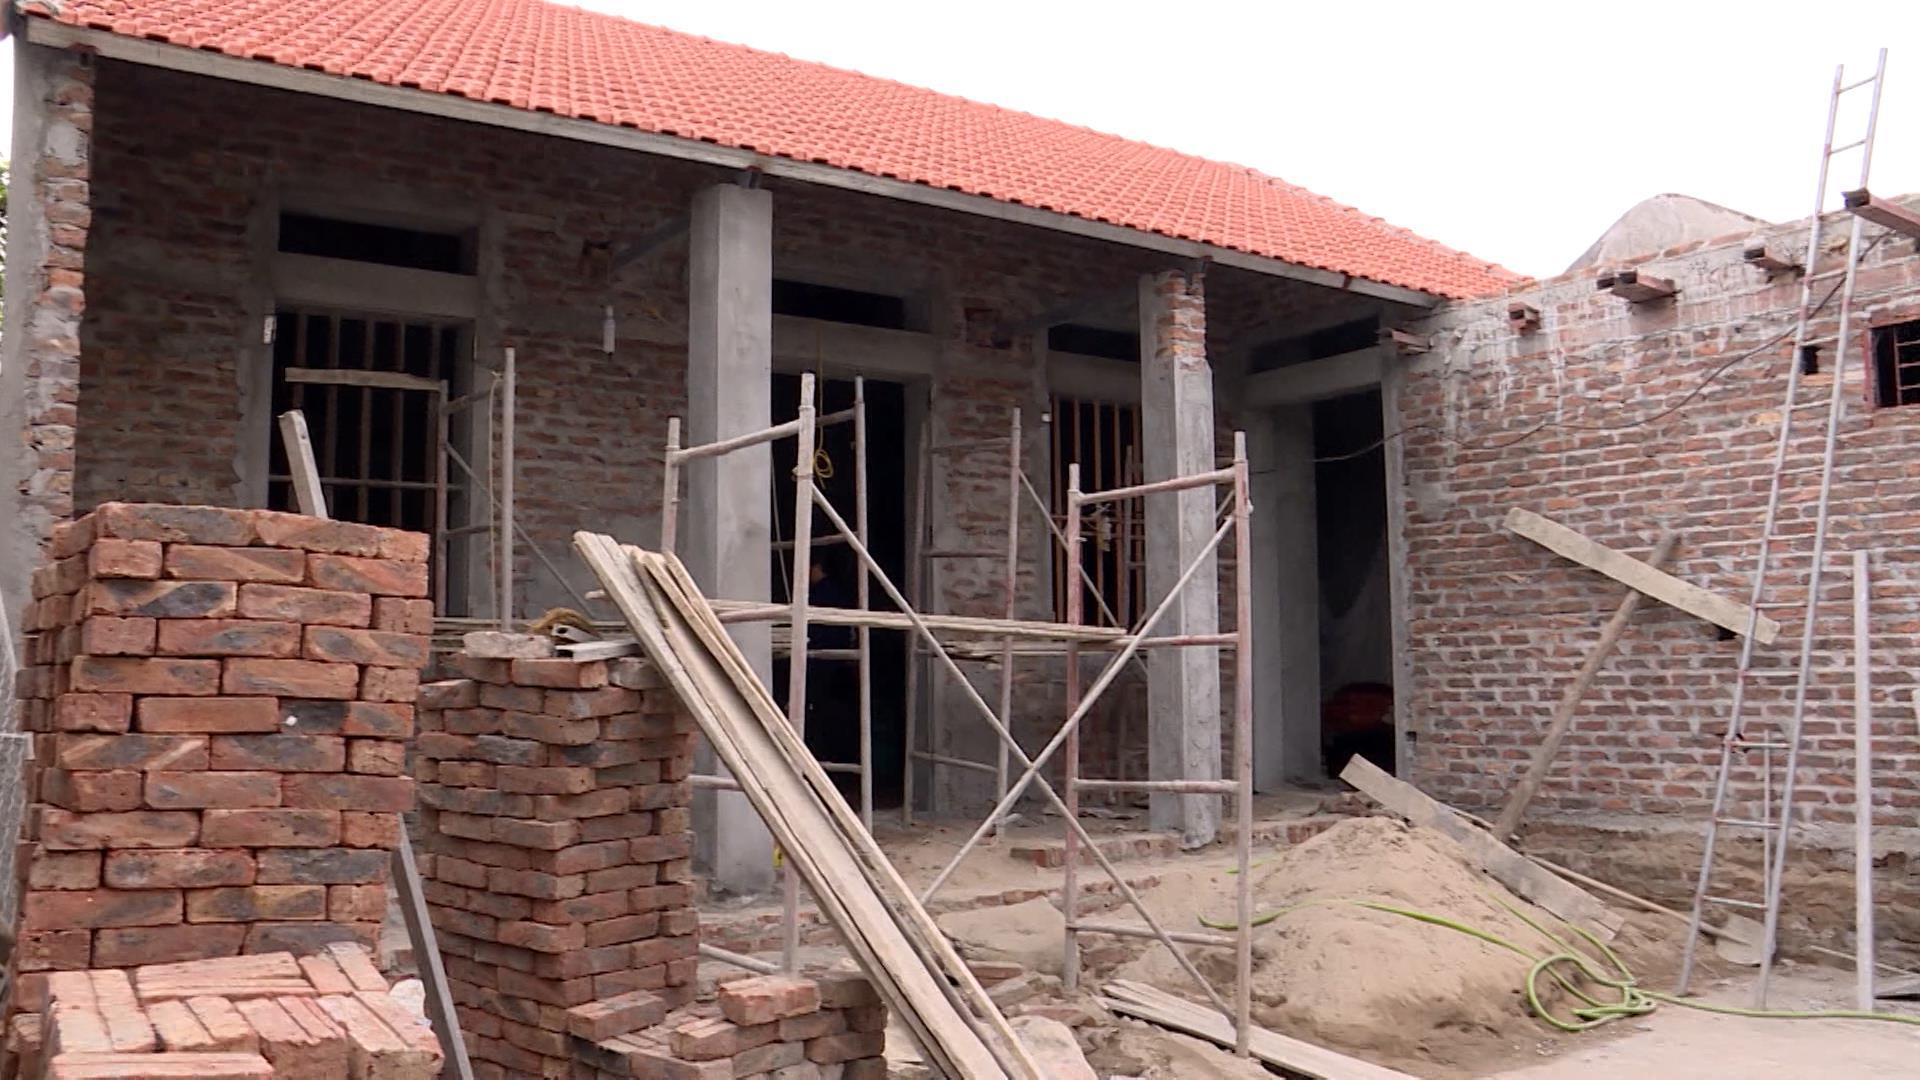 Bắc Ninh, đến 2025 tỷ lệ hộ nghèo giảm còn dưới 1%